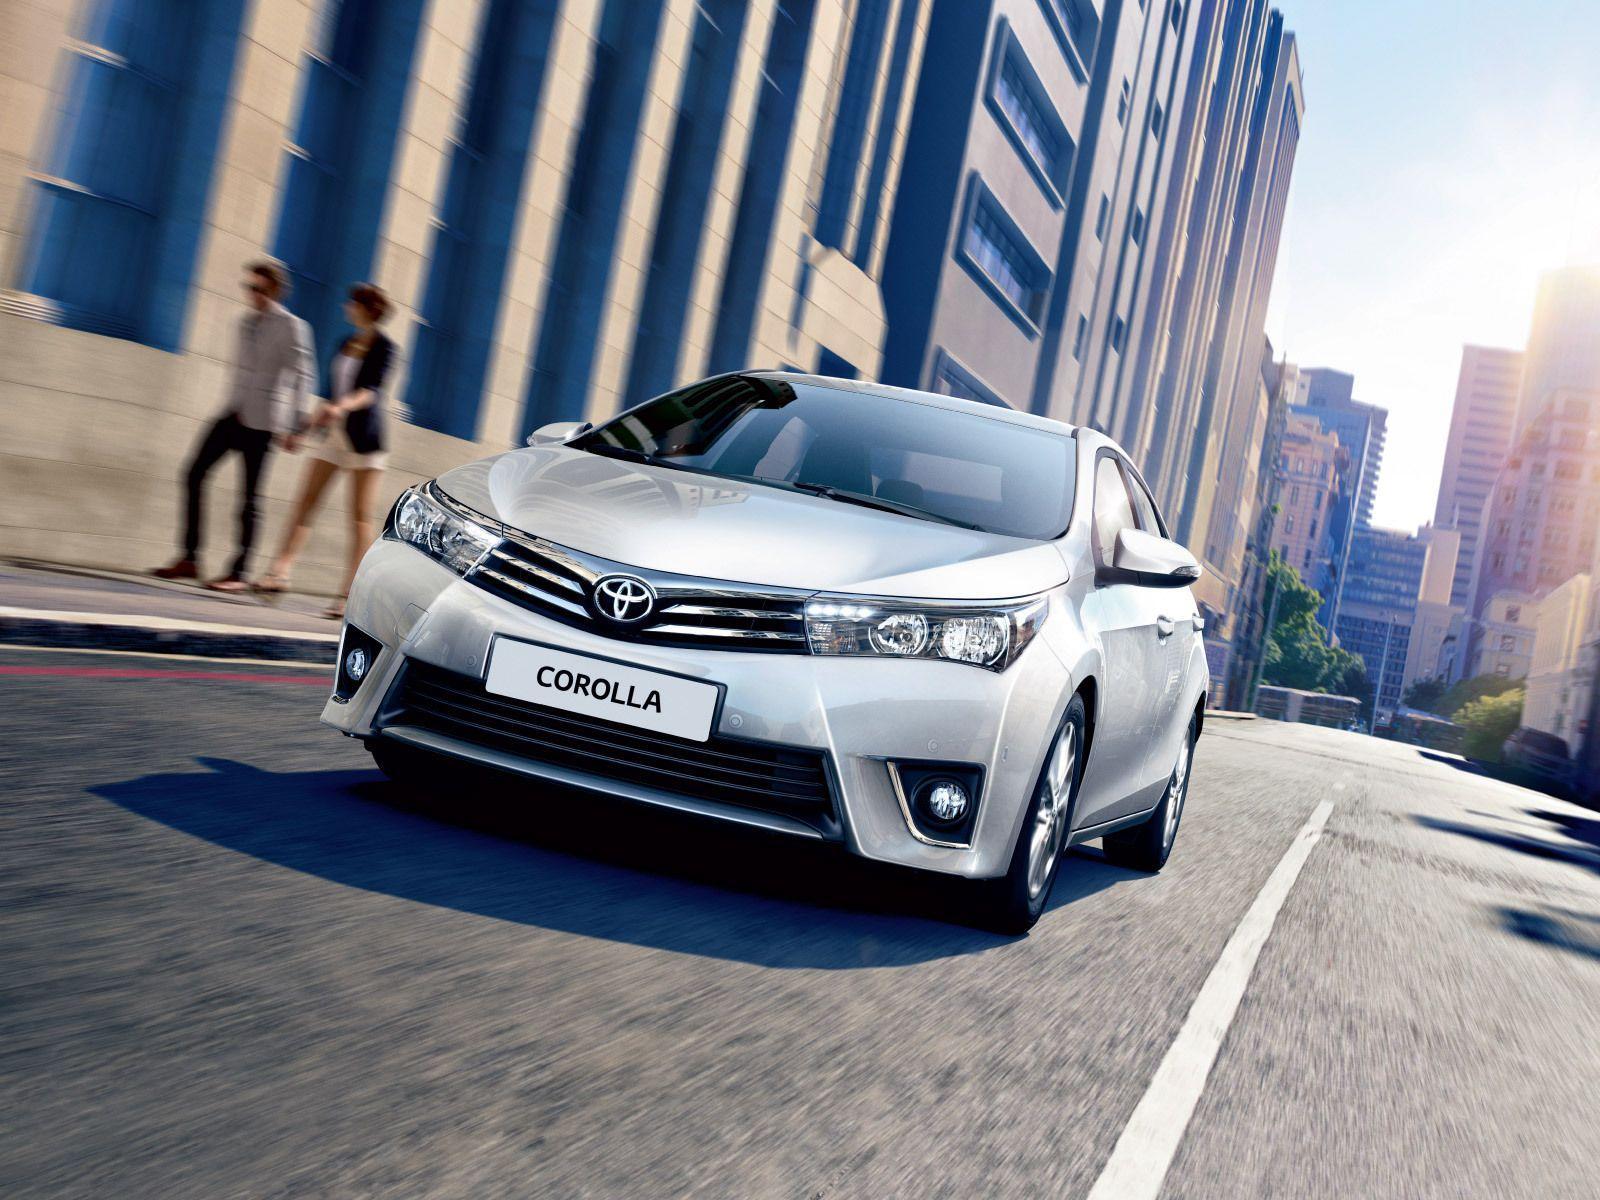 Kelebihan Mobil Corolla Perbandingan Harga